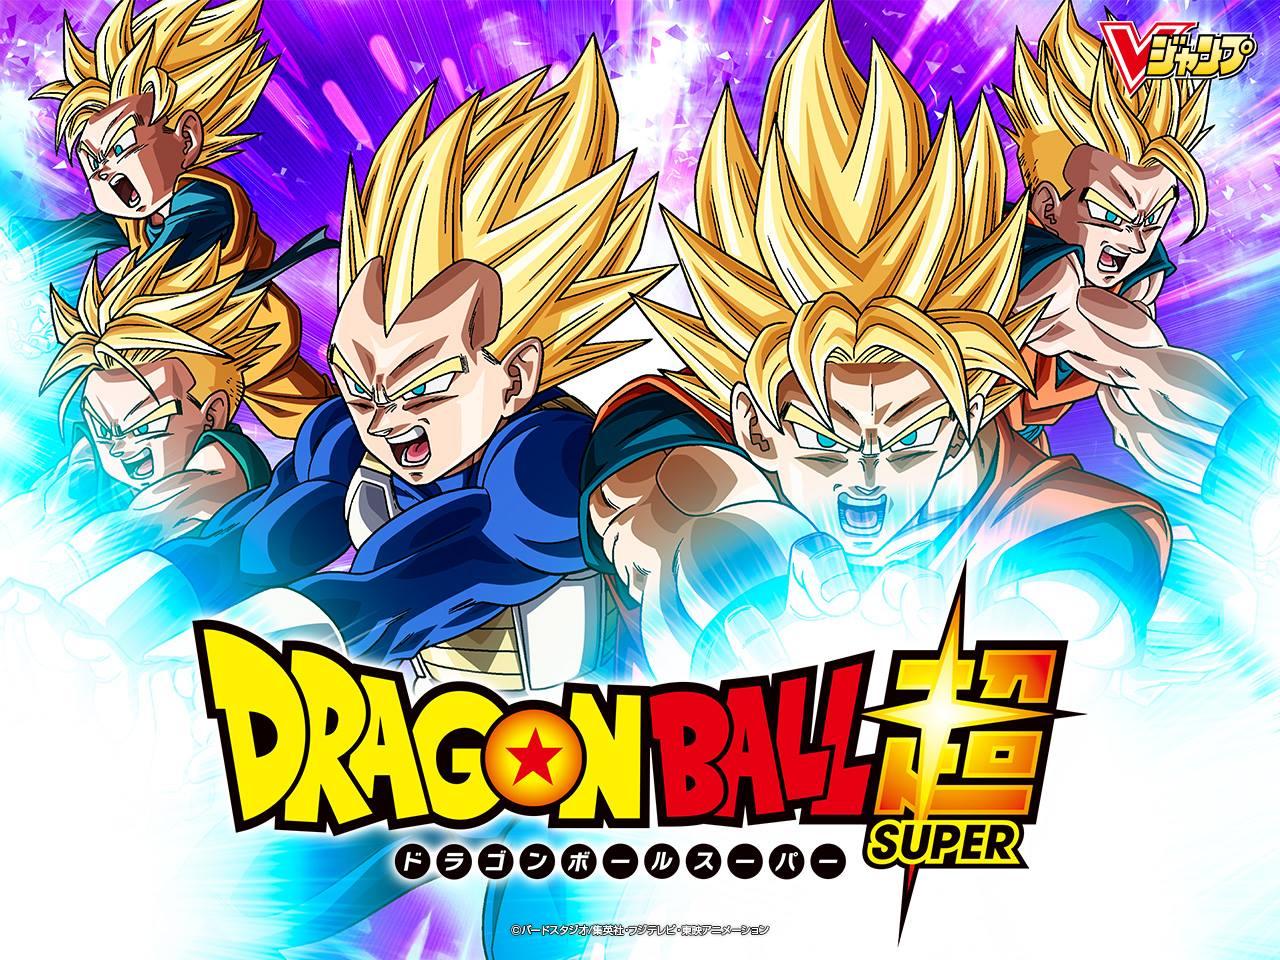 Nueva imágen promocional de Dragon Ball Super